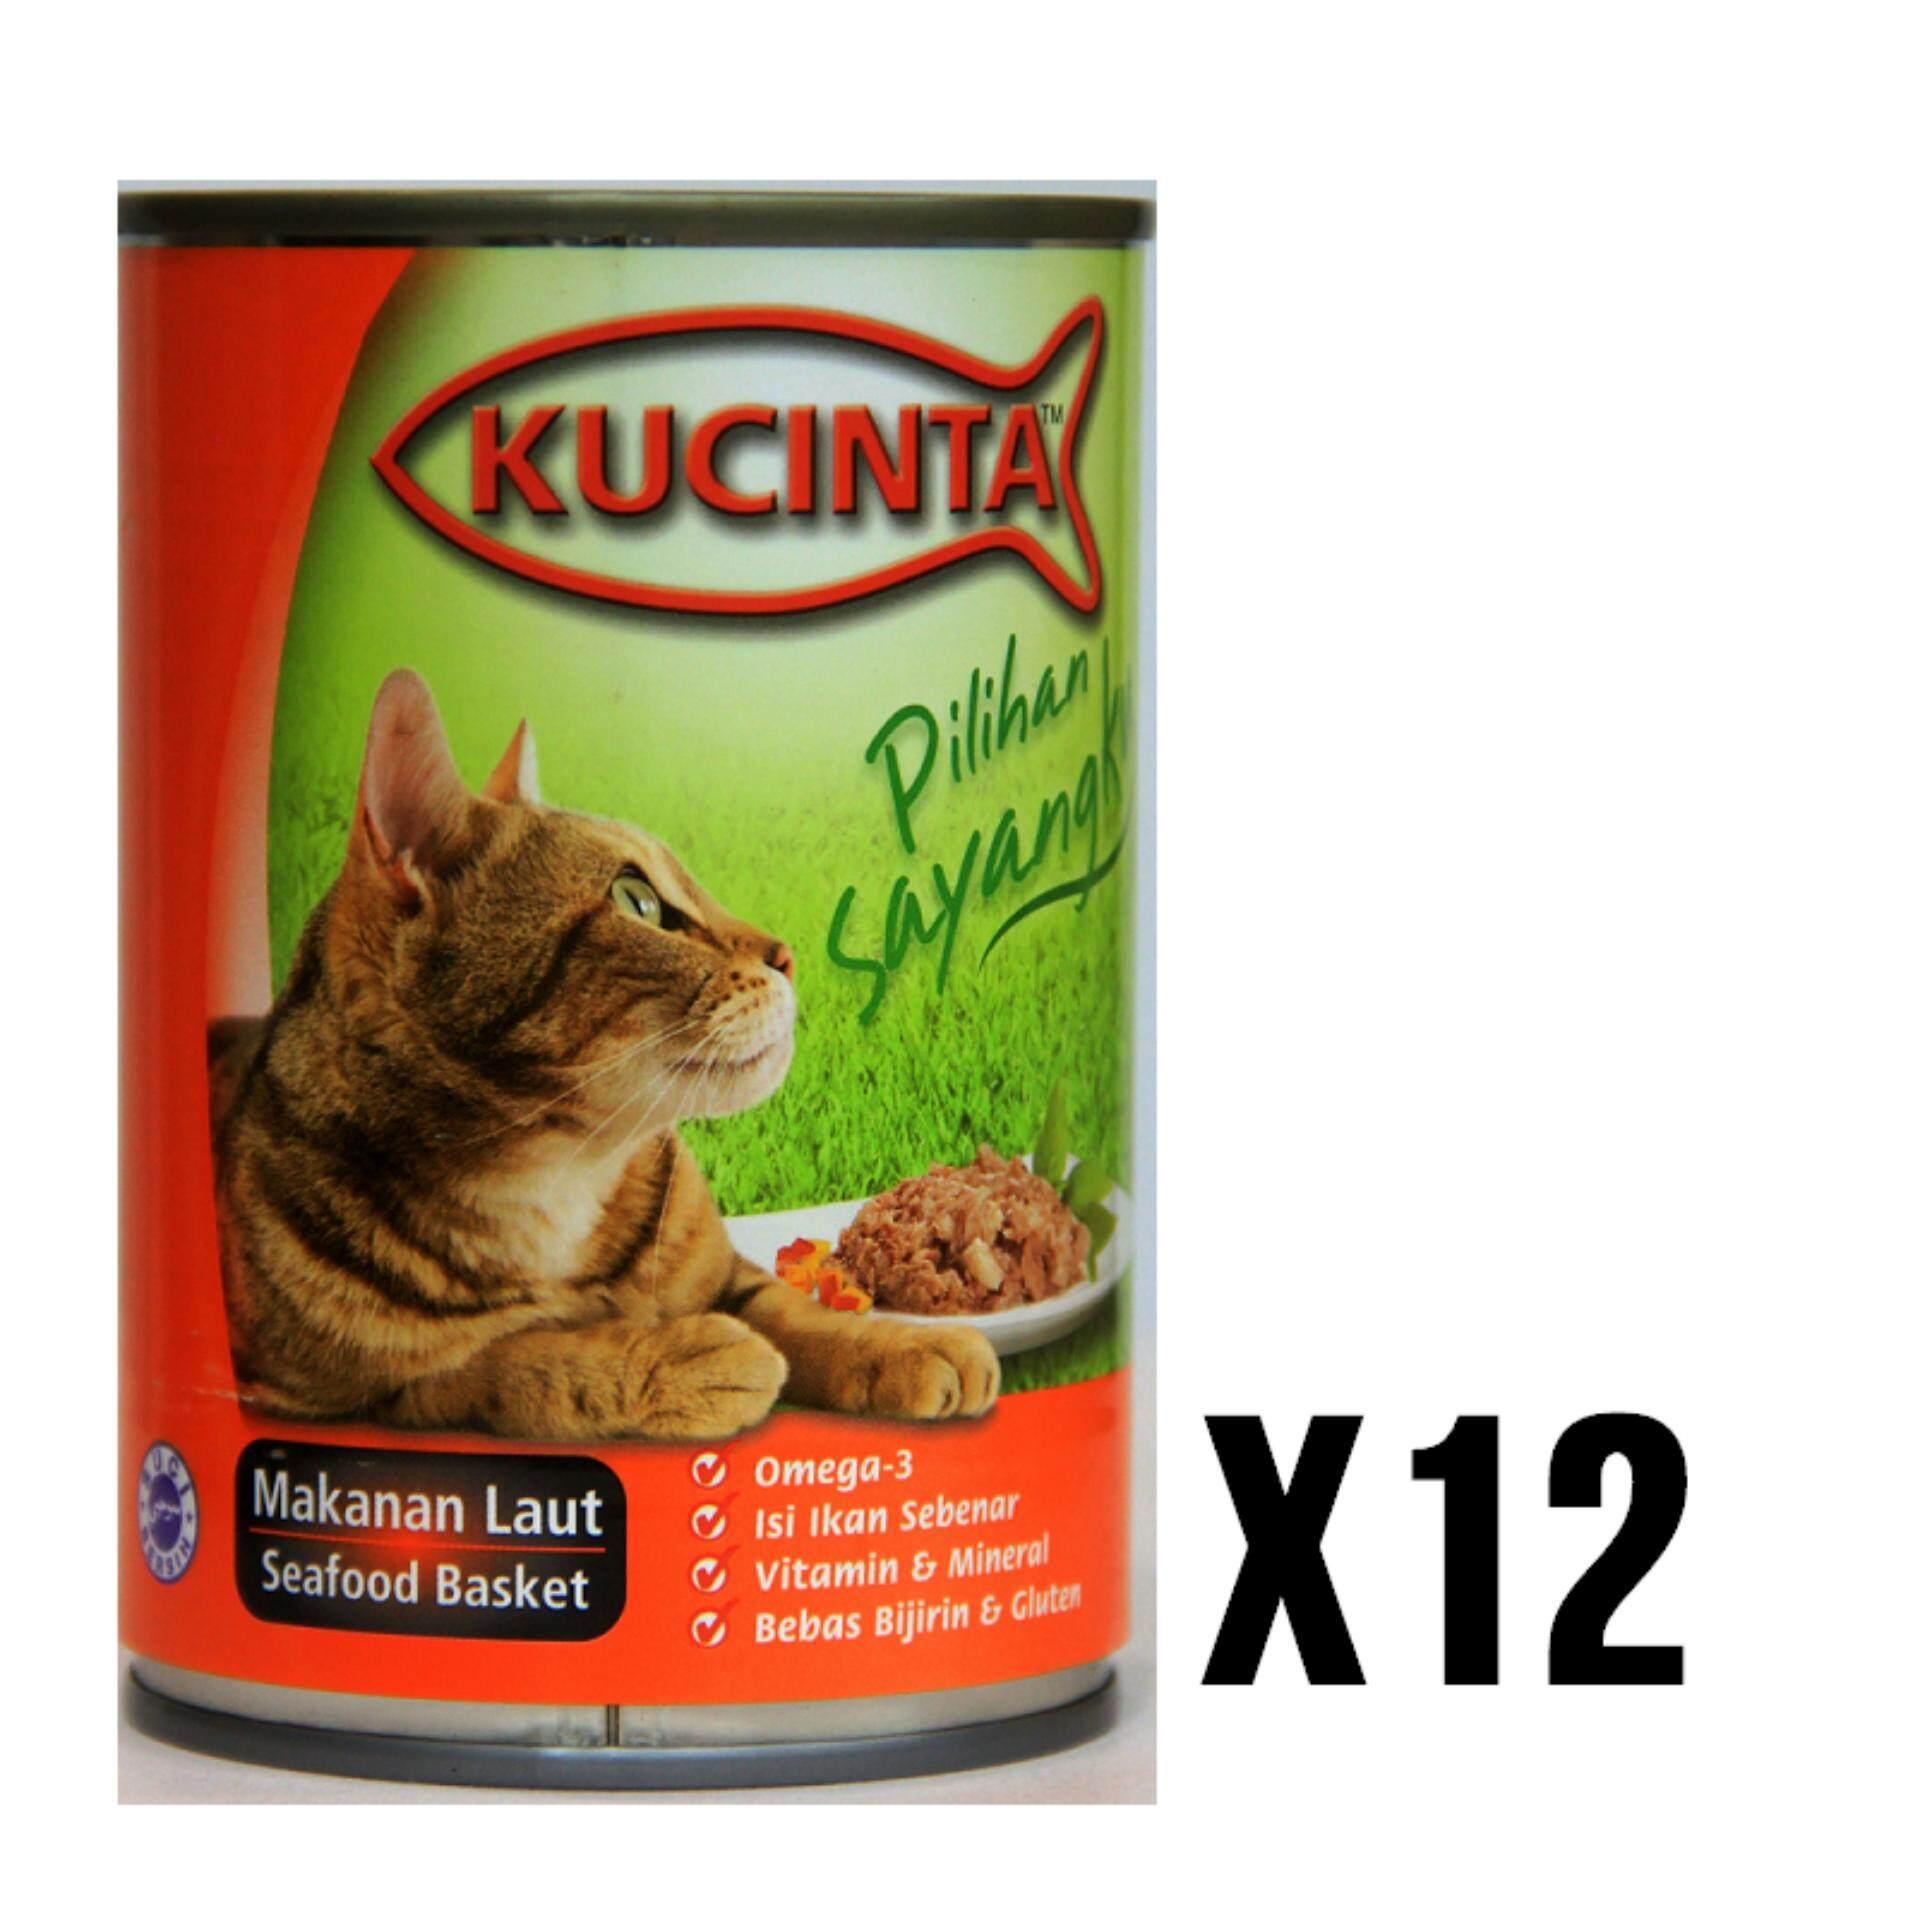 Kucinta Seafood Basket Canned Food 400G